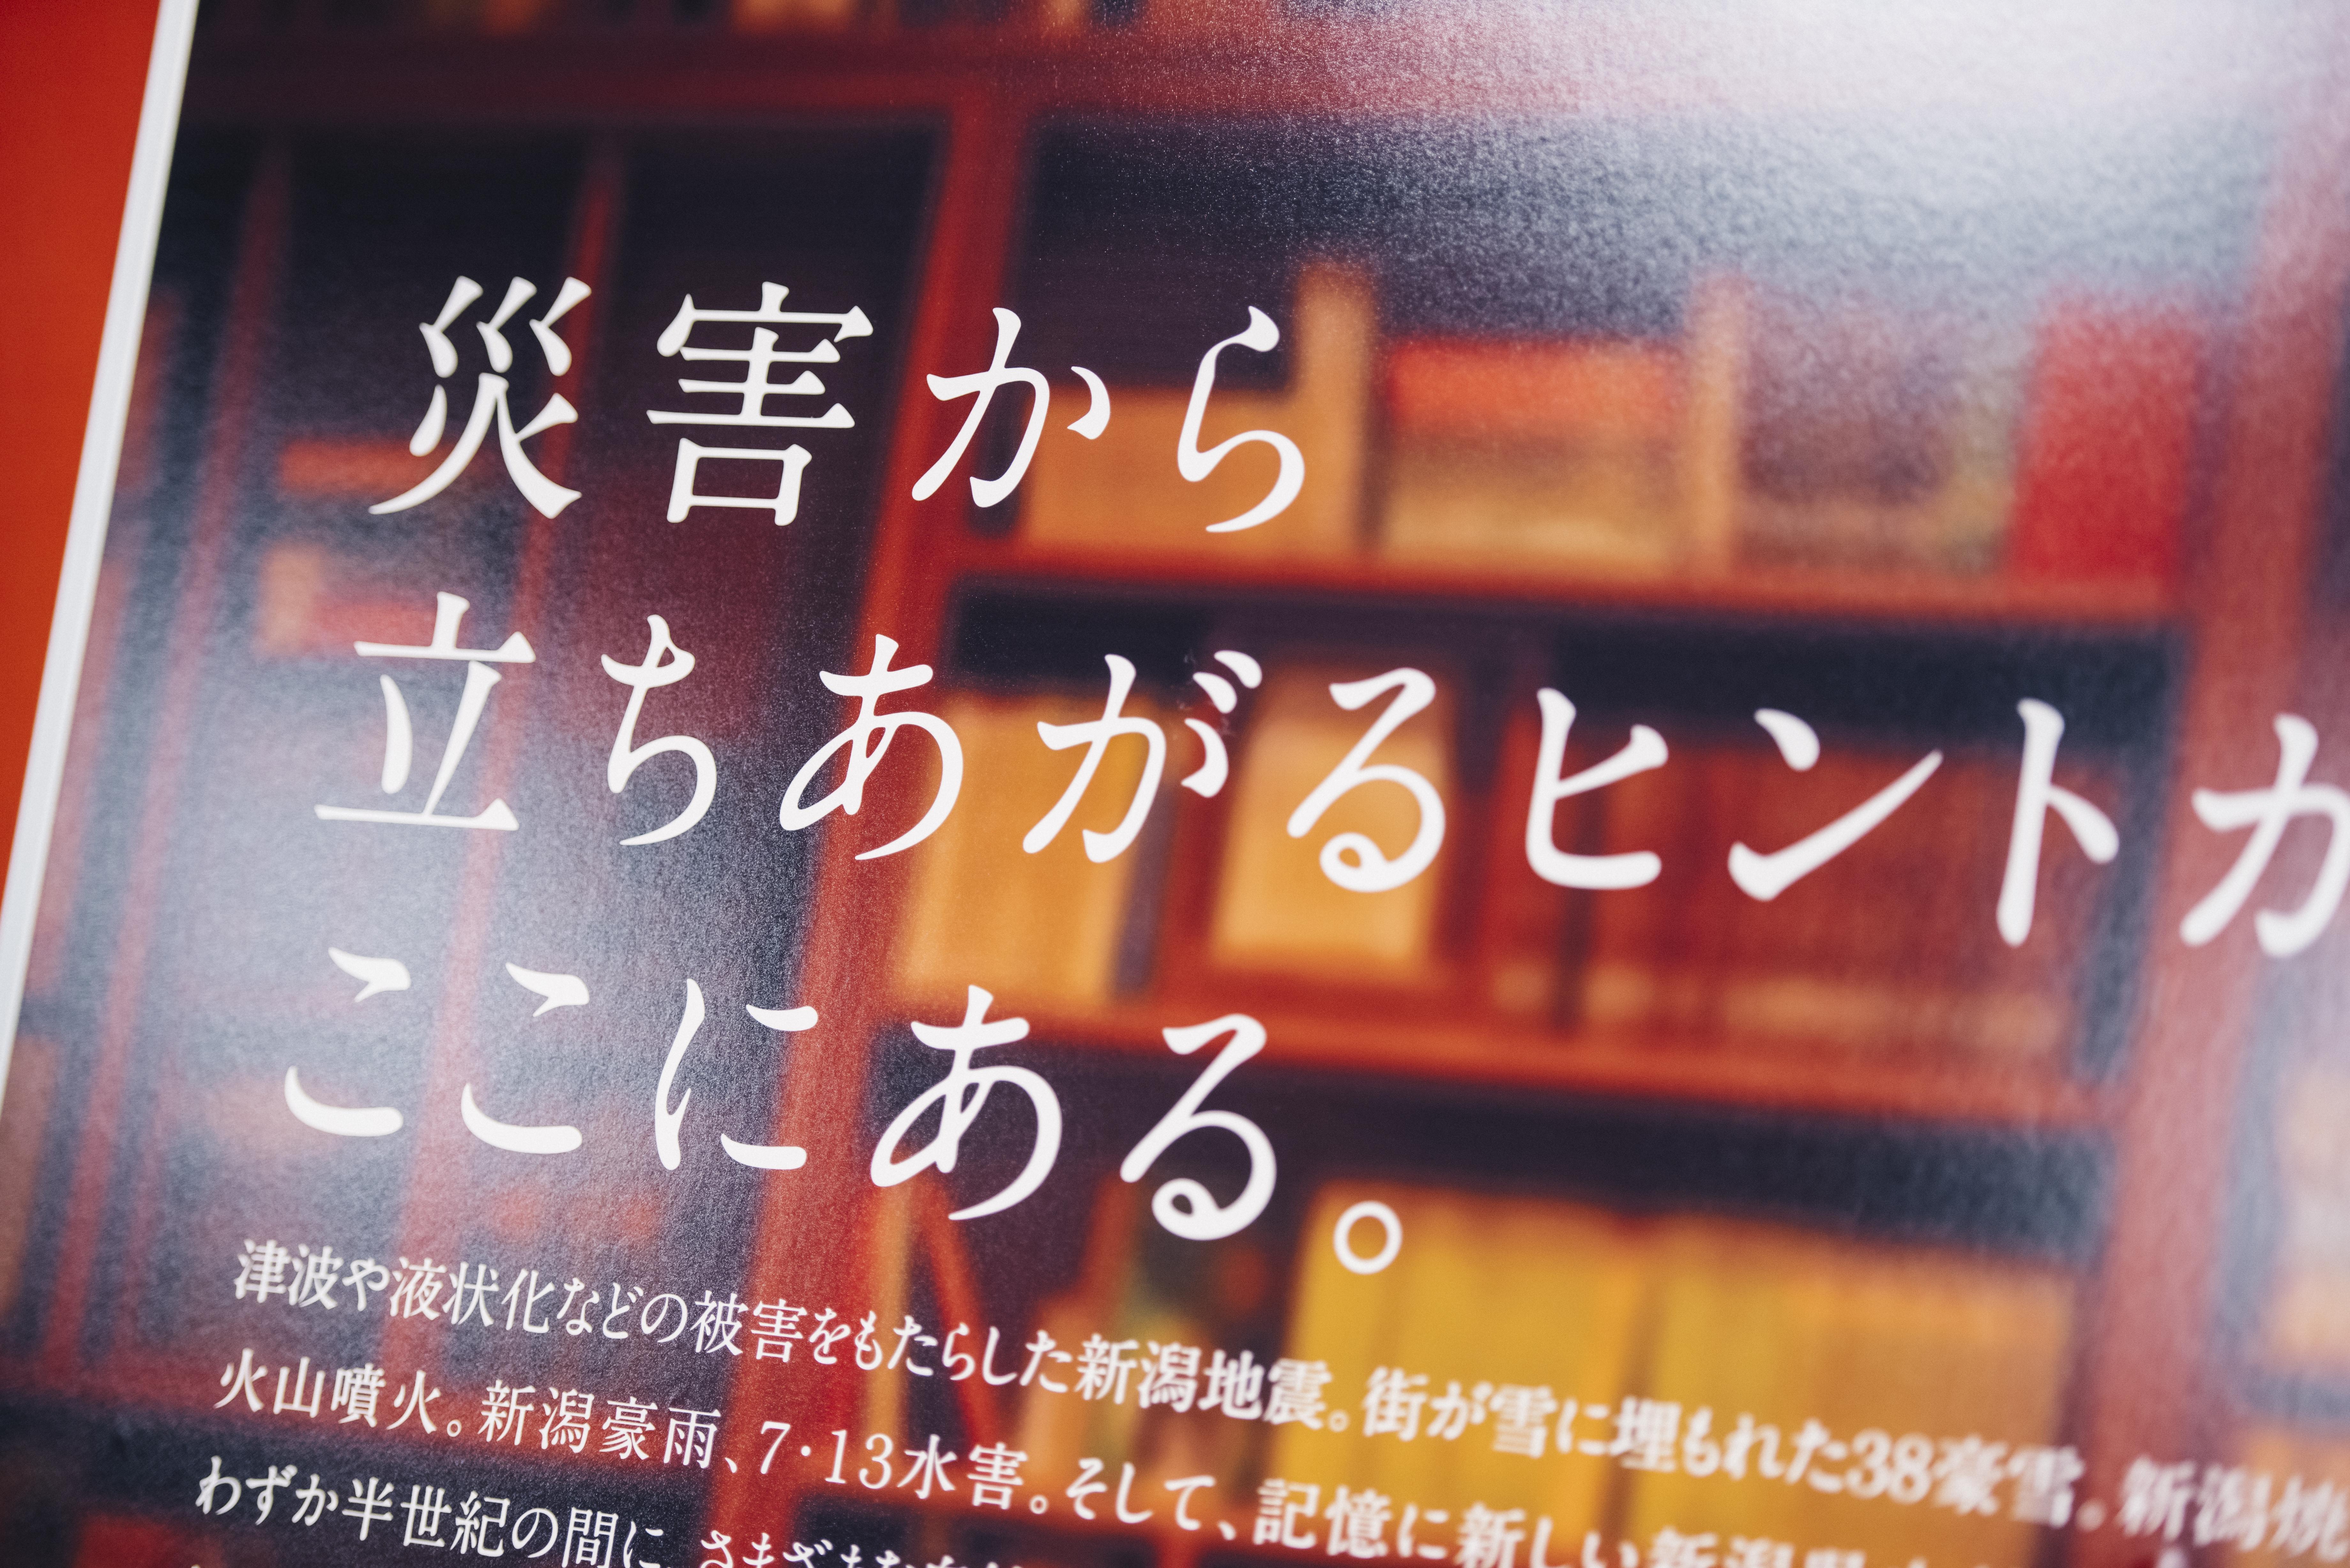 長岡震災アーカイブセンター「きおくみらい」。ここにイナカレッジの事務局がある。